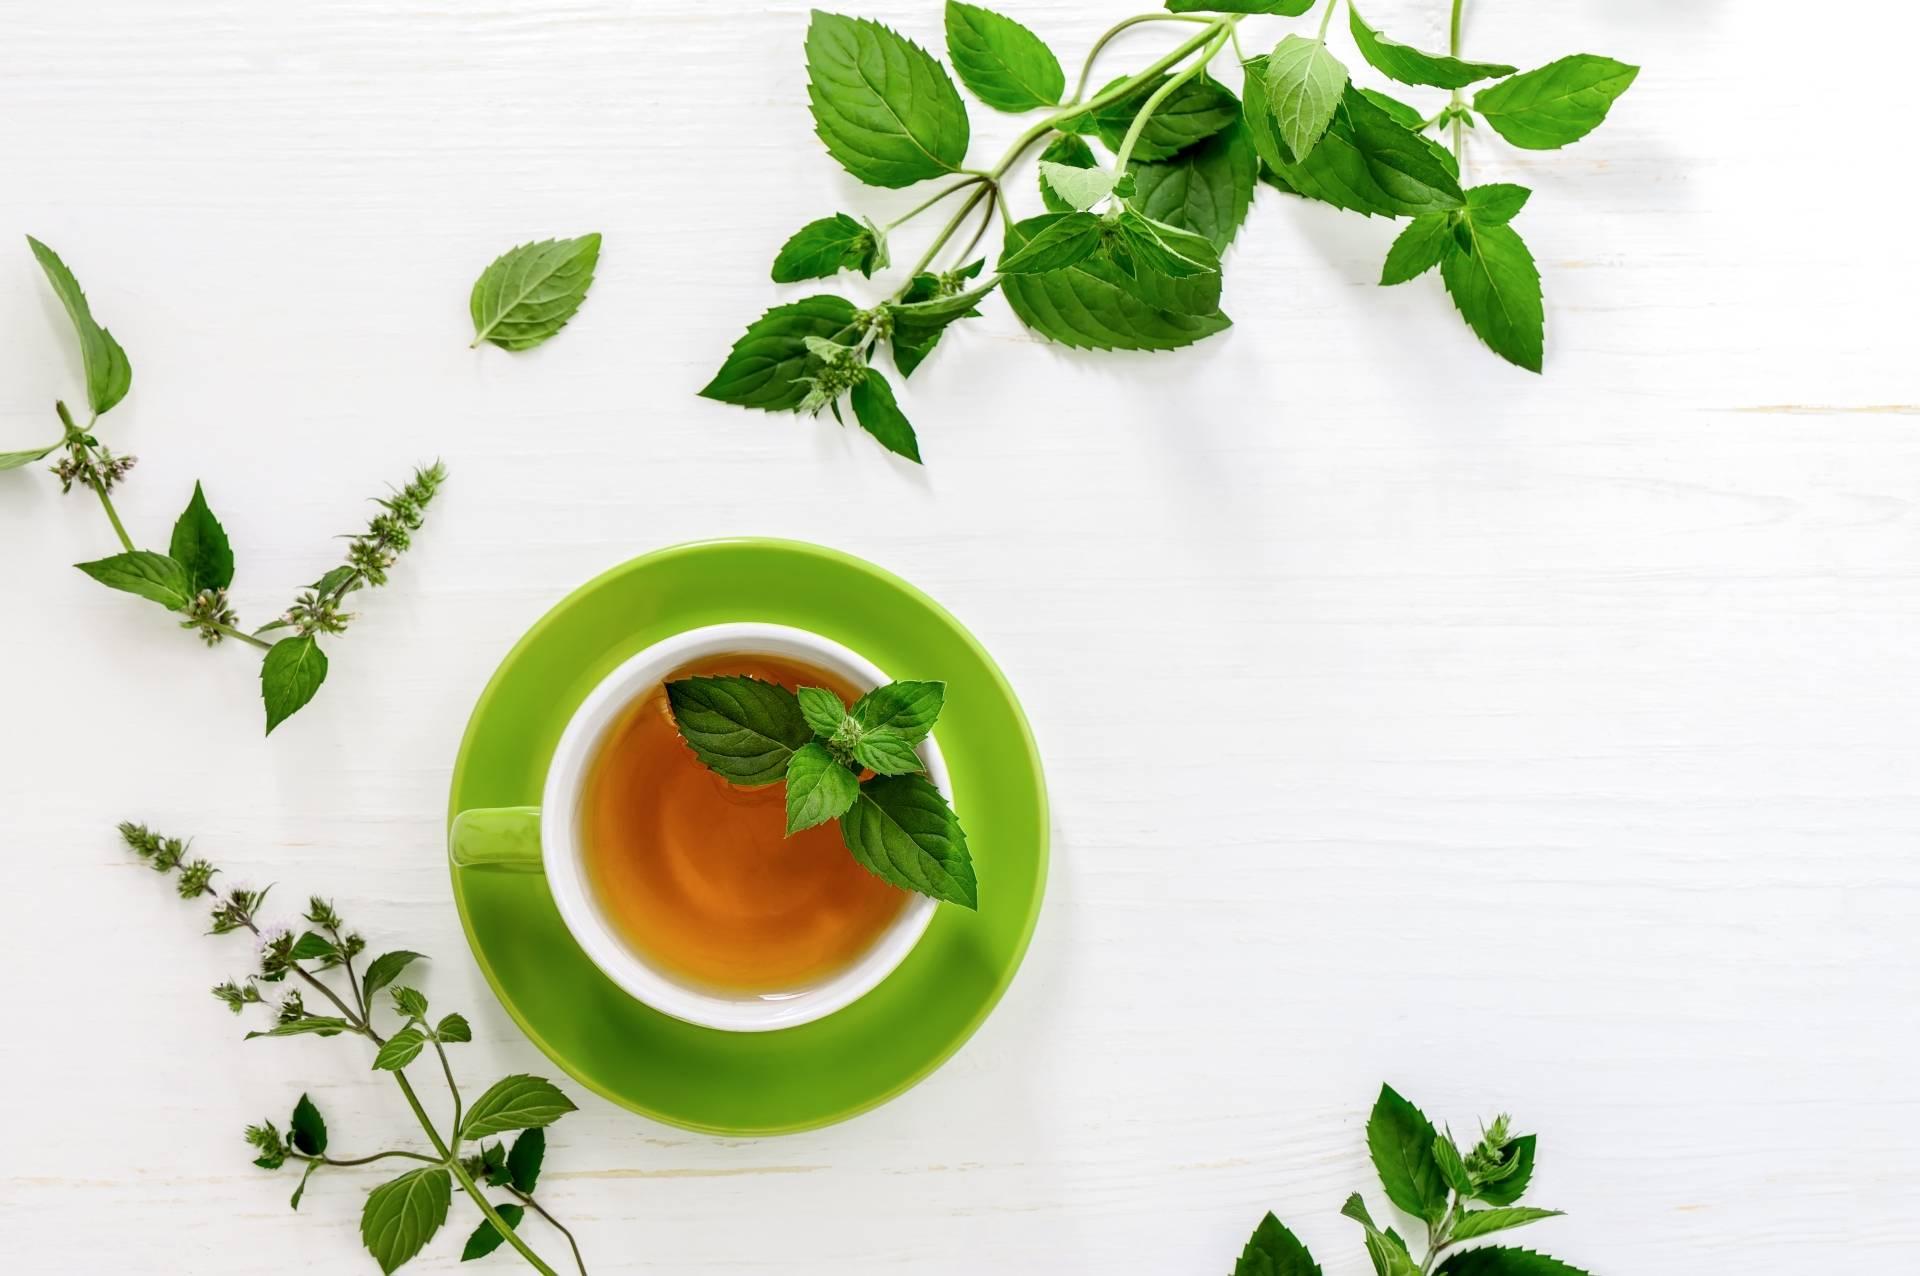 Zielona herbata i napary ziołowe w diecie przeciwgrzybiczej. Napar z mięty w filiżance na białym blacie. Obok leżą listki mięty.